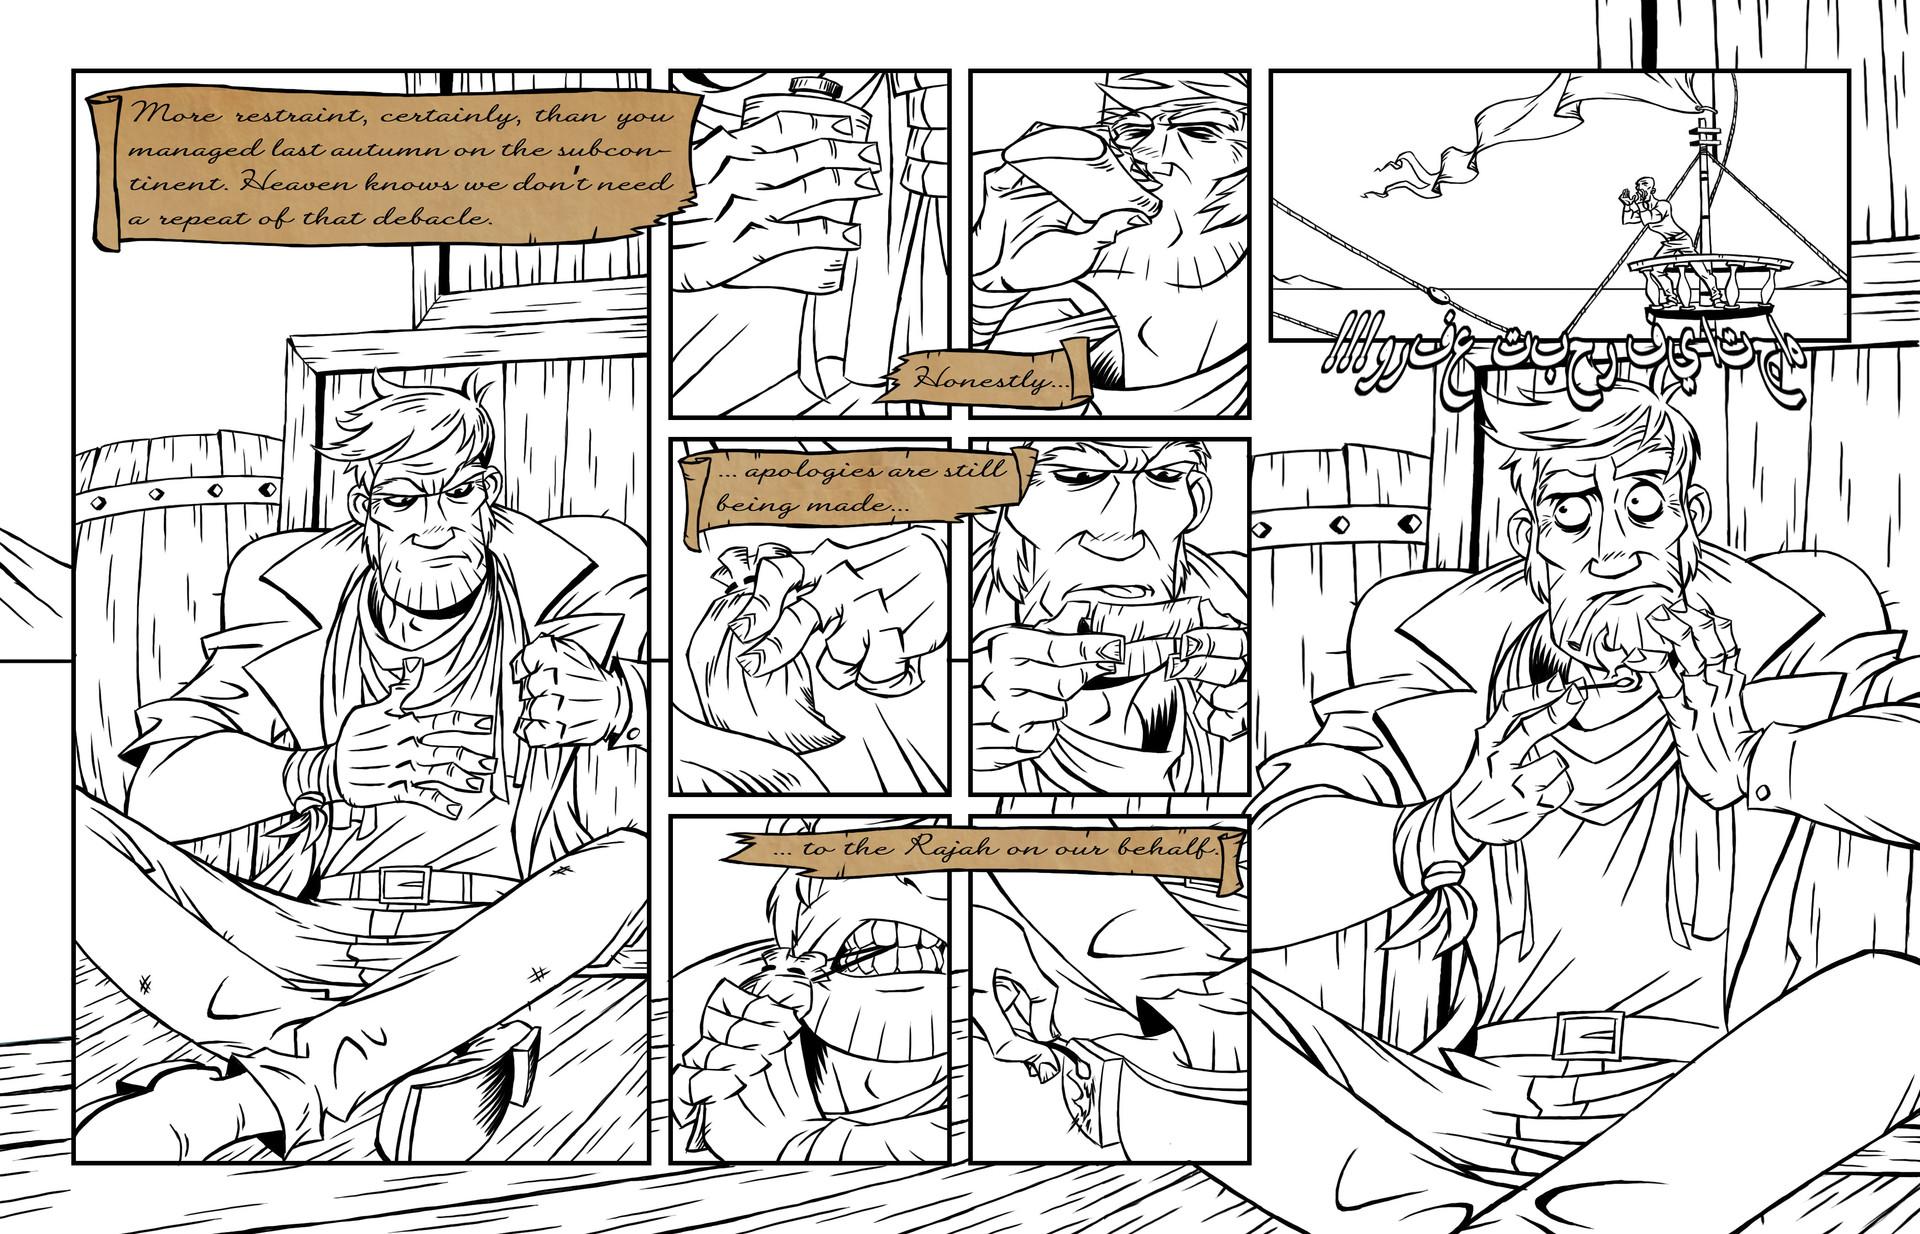 Max haig page03